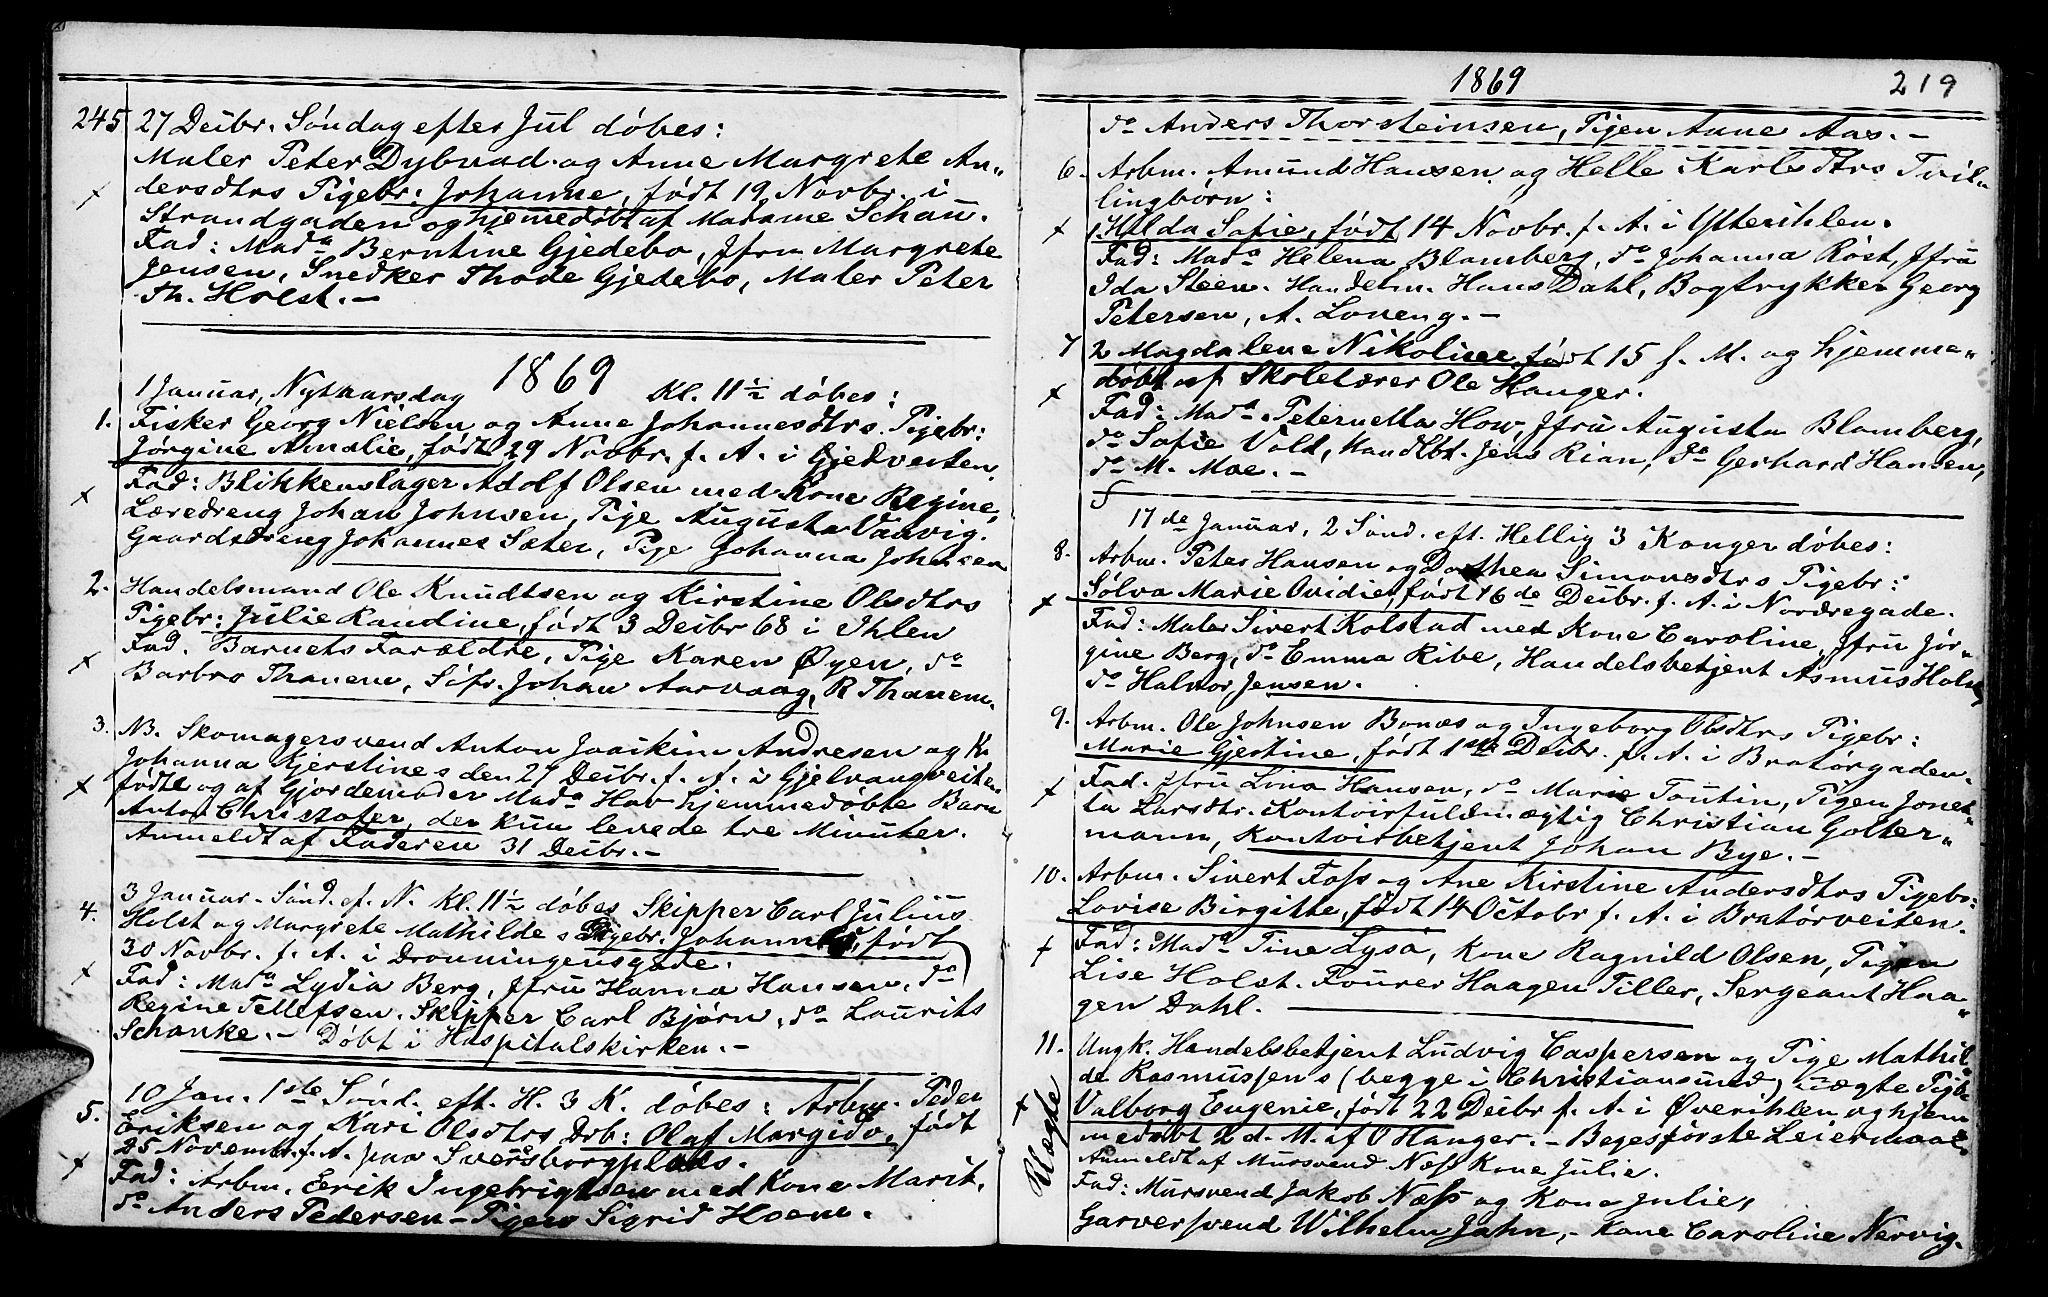 SAT, Ministerialprotokoller, klokkerbøker og fødselsregistre - Sør-Trøndelag, 602/L0140: Klokkerbok nr. 602C08, 1864-1872, s. 218-219